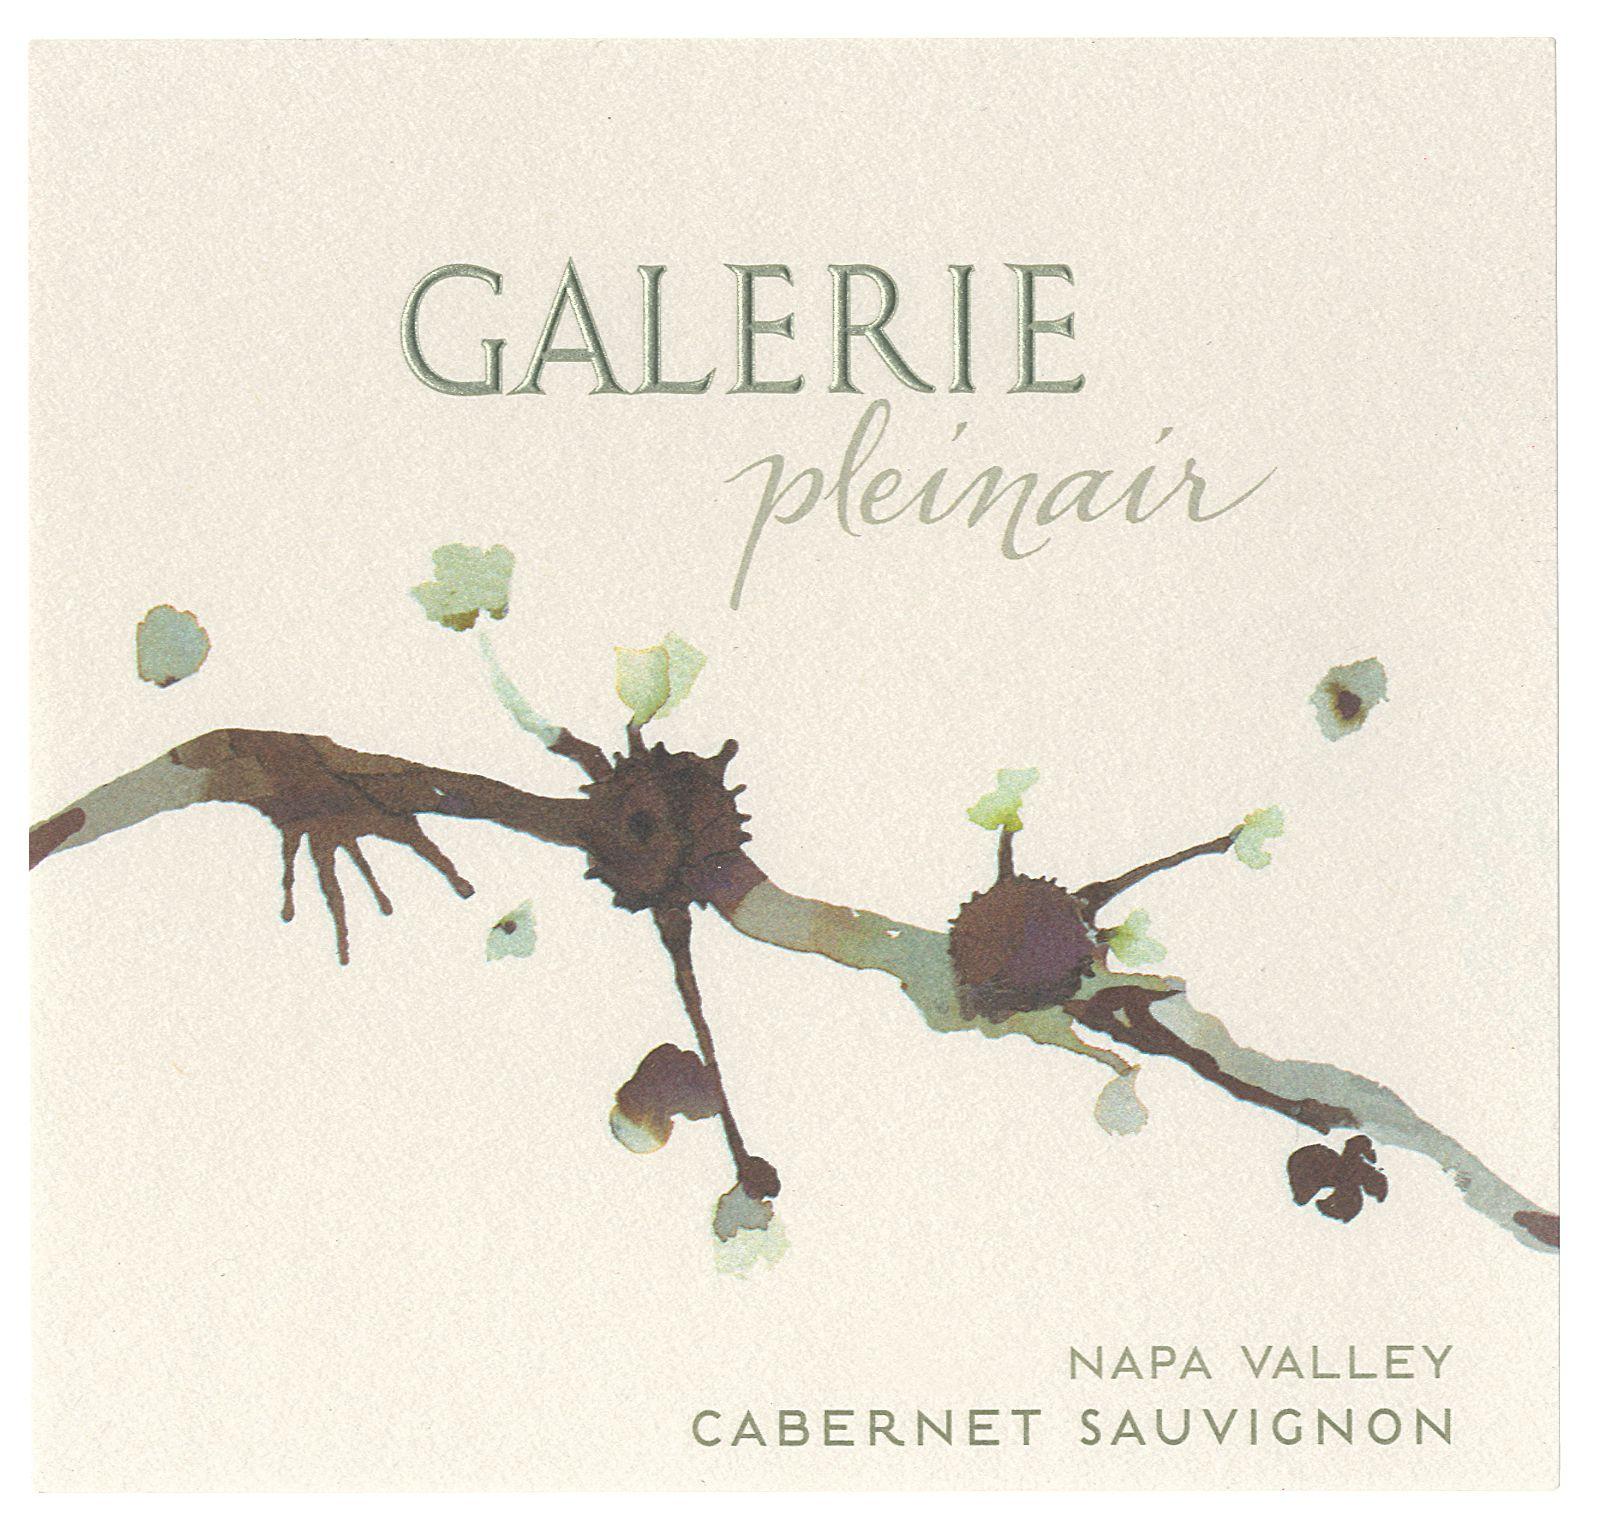 Galerie Pleinair Cabernet Sauvignon 2016